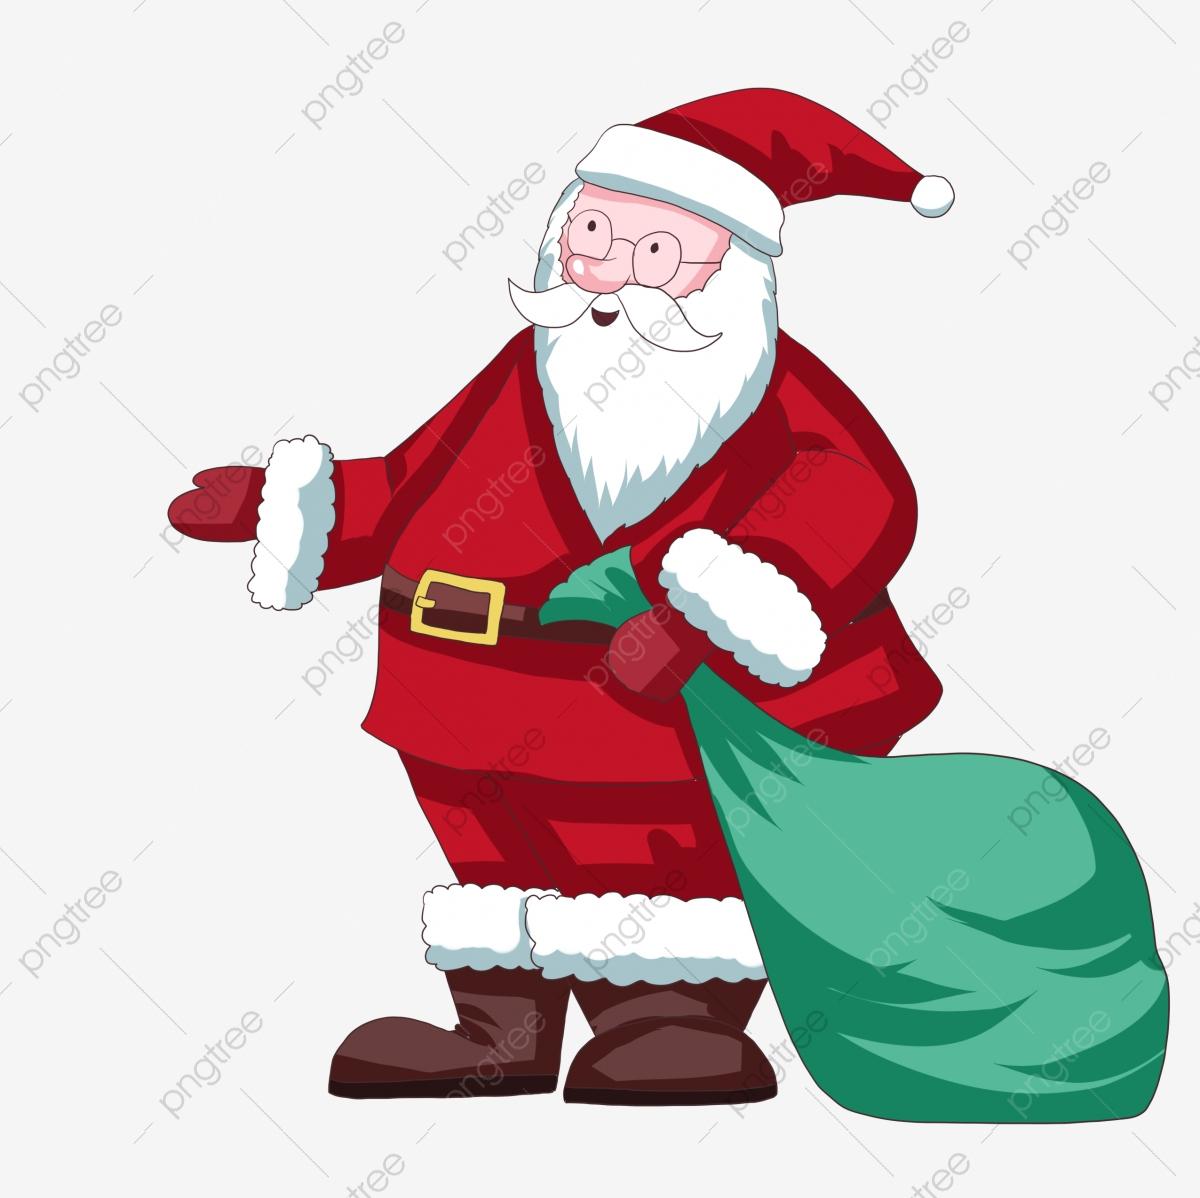 Joyeux Noel Musique Arbre De Noel Cadeau De Réveillon à Musique Du Père Noël